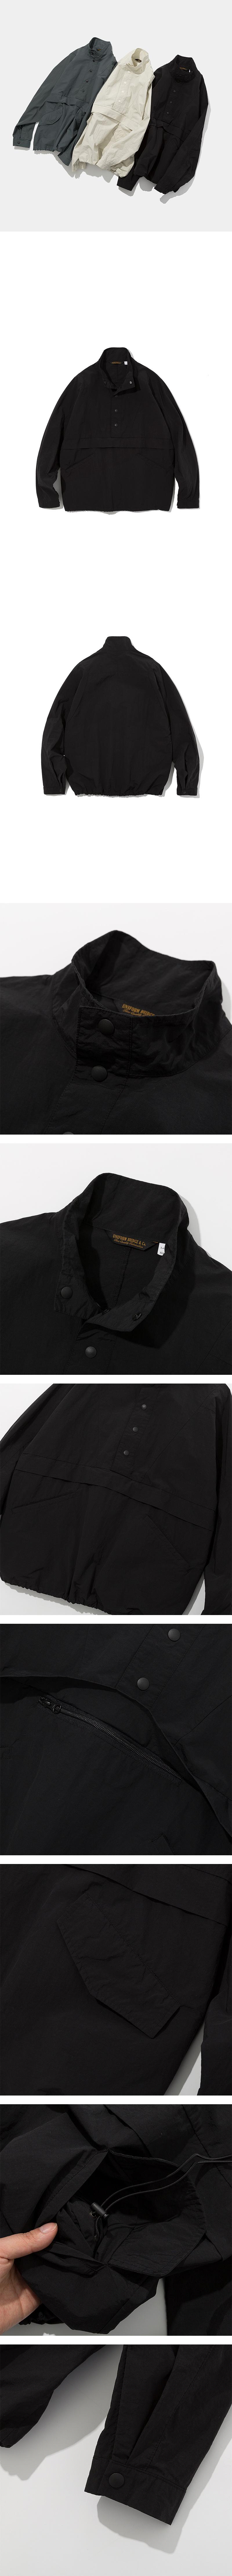 유니폼브릿지(UNIFORM BRIDGE) 19ss sports anorak jacket black